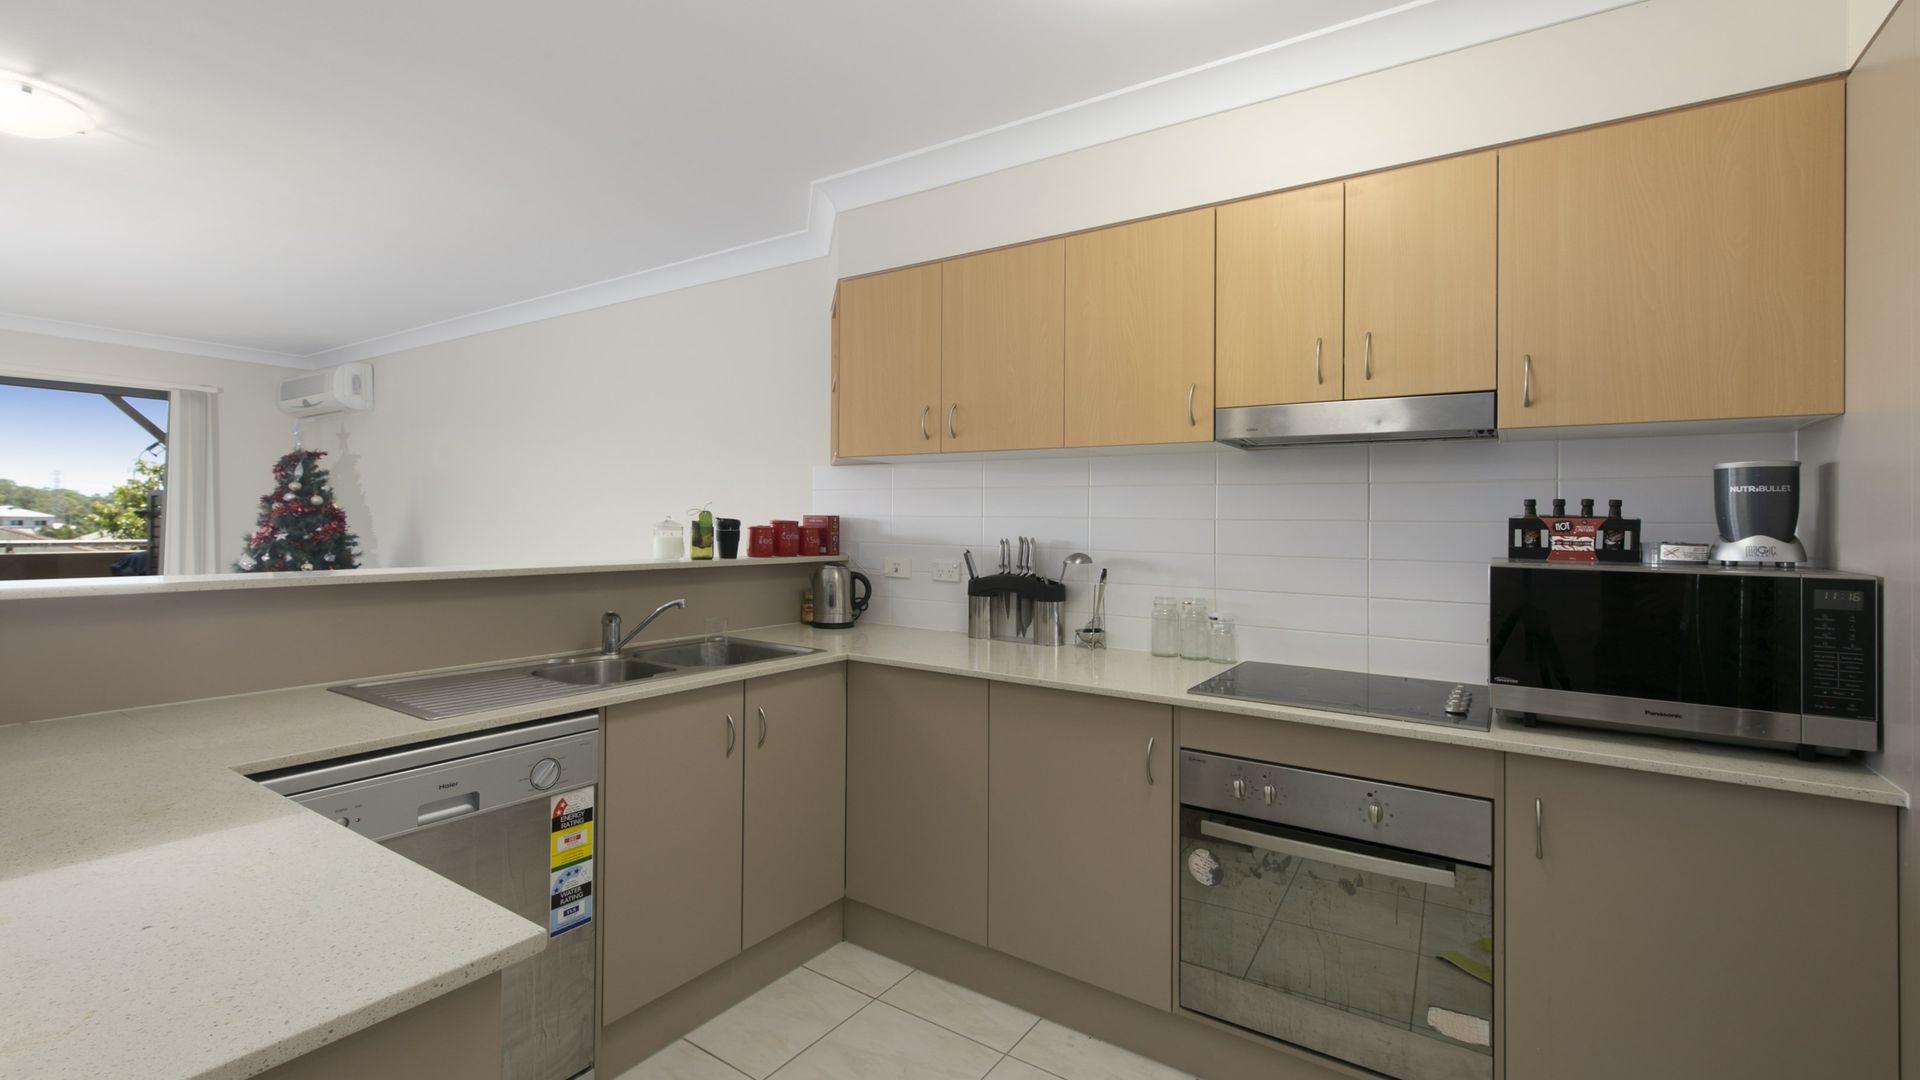 11/50 Enborisoff Street, Taigum QLD 4018, Image 1